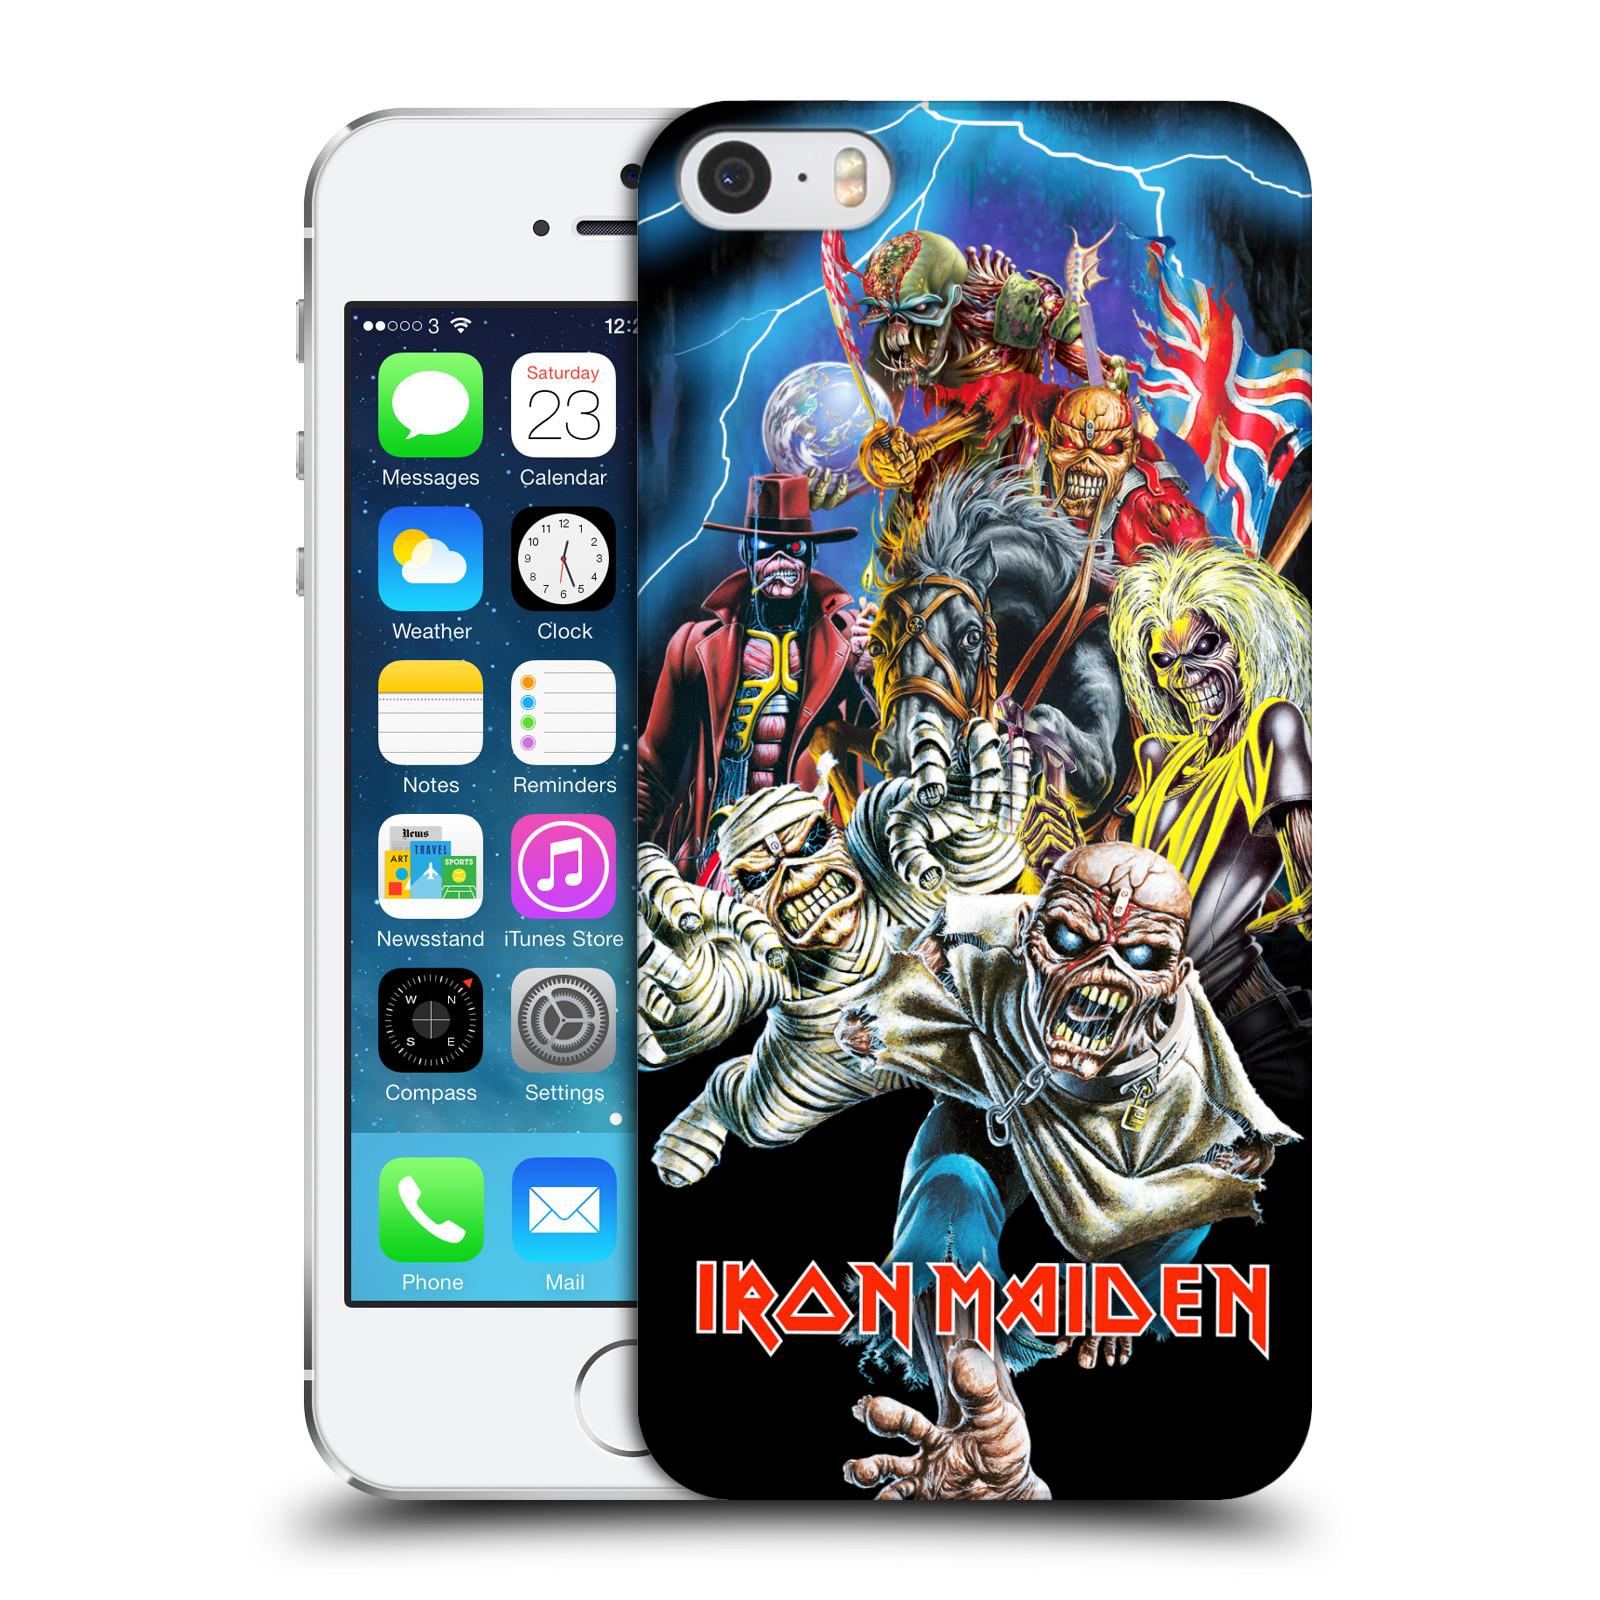 Plastové pouzdro na mobil Apple iPhone SE, 5 a 5S HEAD CASE - Iron Maiden - Best Of Beast (Plastový kryt či obal na mobilní telefon s licencovaným motivem Iron Maiden Apple iPhone SE, 5 a 5S)